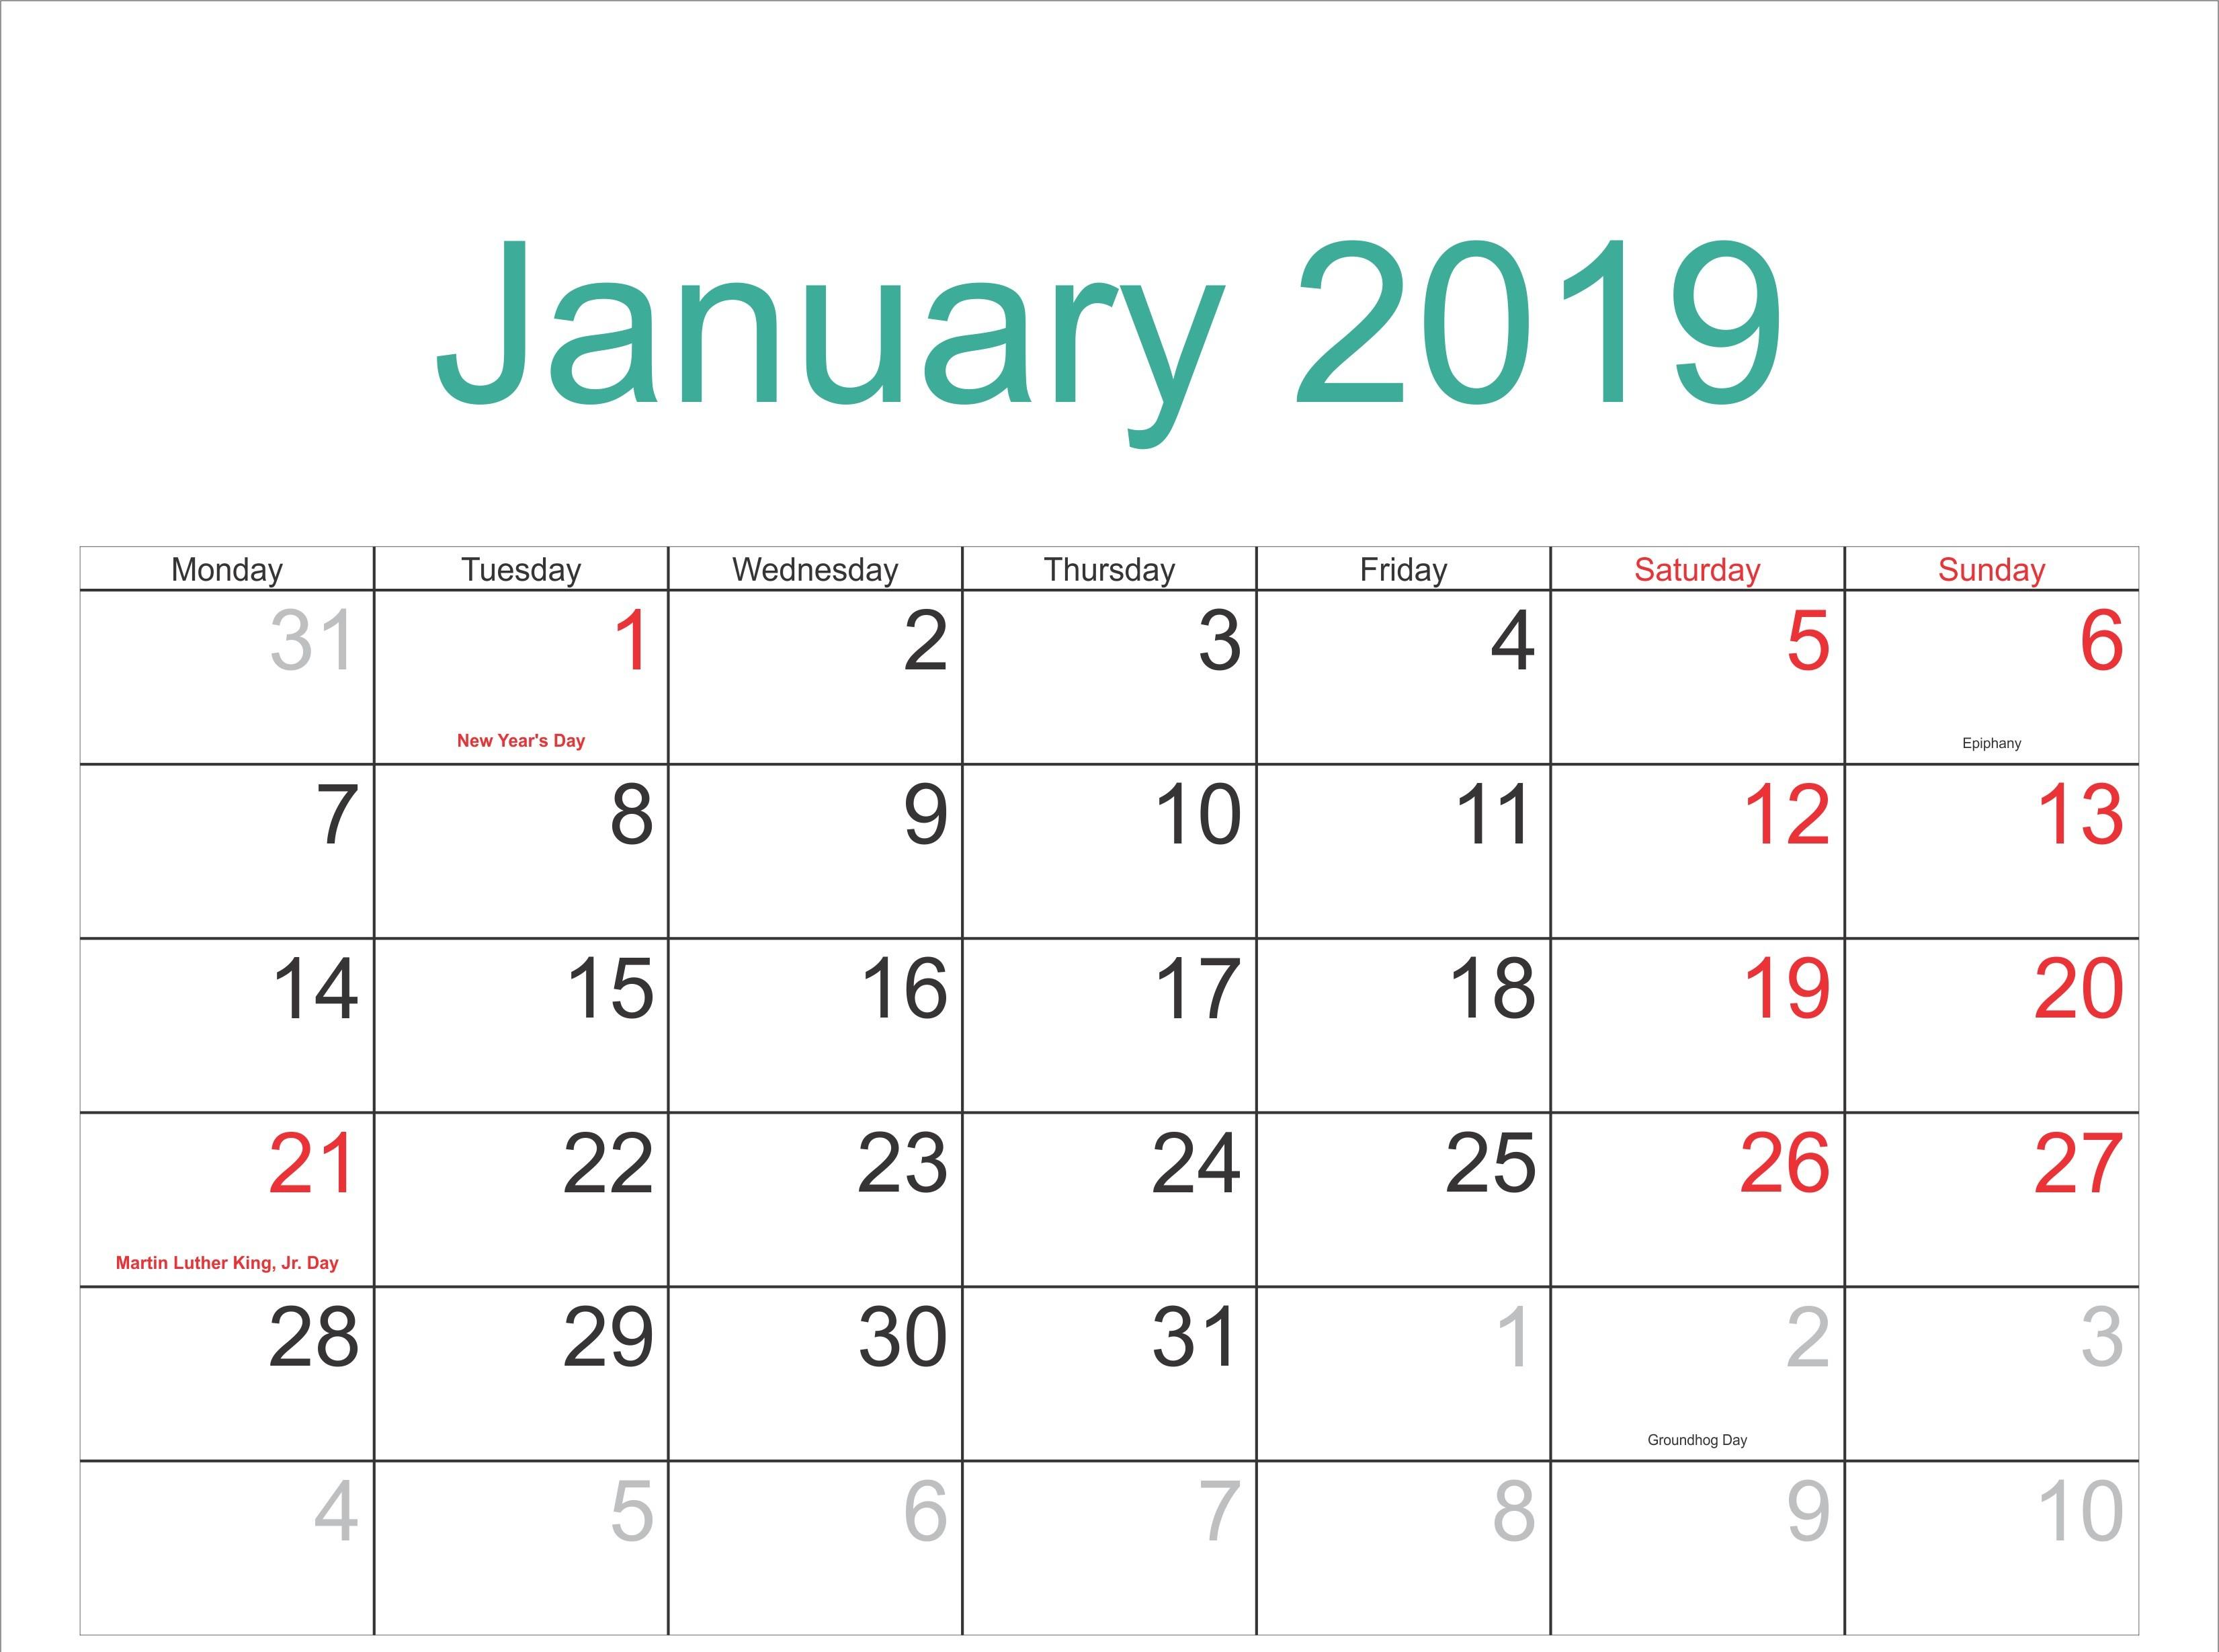 Imprimir Calendario De Marzo 2019 Más Recientes January Calendar 2019 with Holidays January2019 January Of Imprimir Calendario De Marzo 2019 Más Caliente Pin De Mara En Calendario